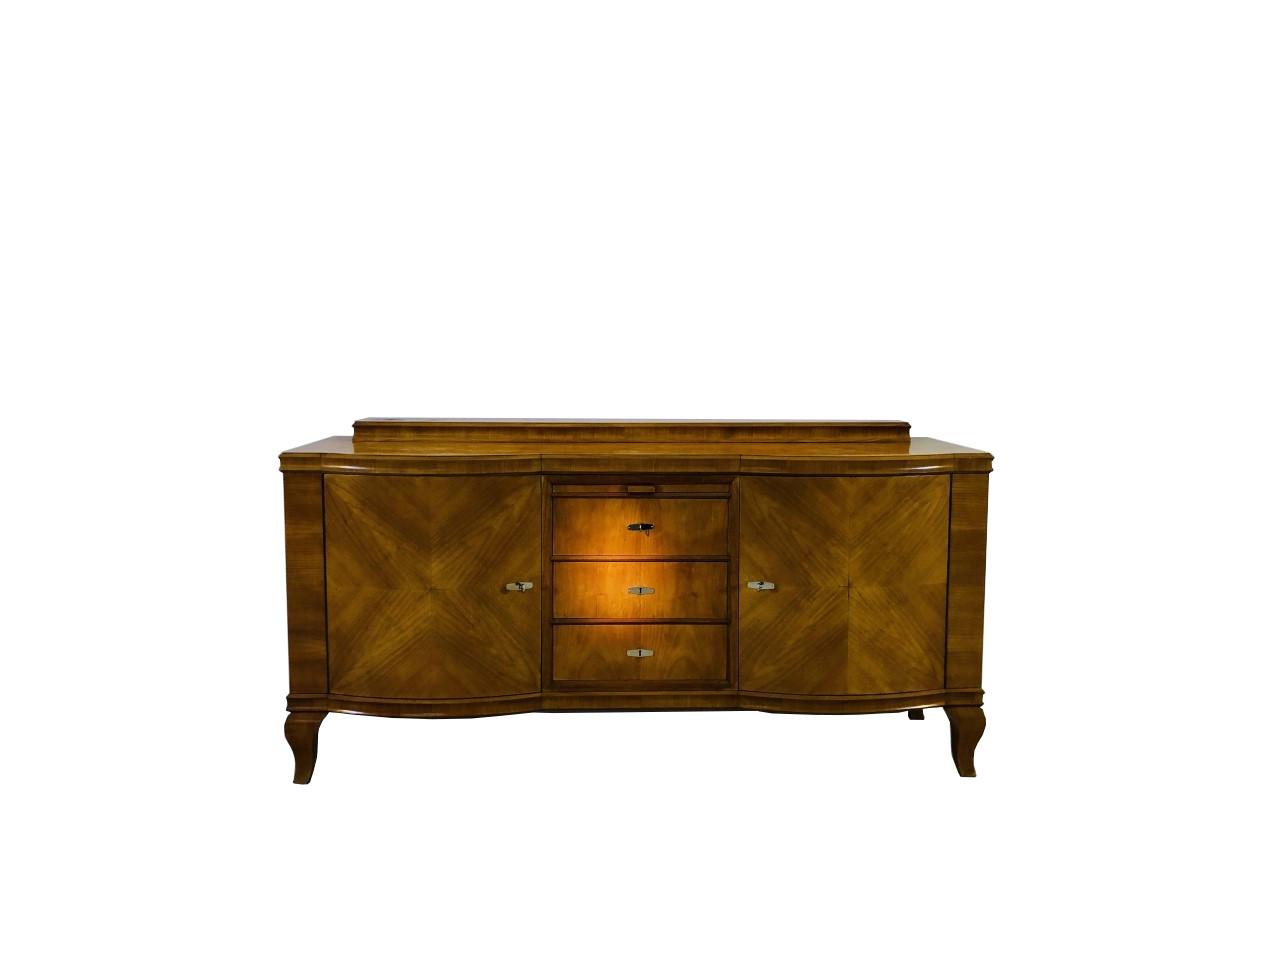 Original Art Deco Buffet Made Of Bright Walnut Original Antique